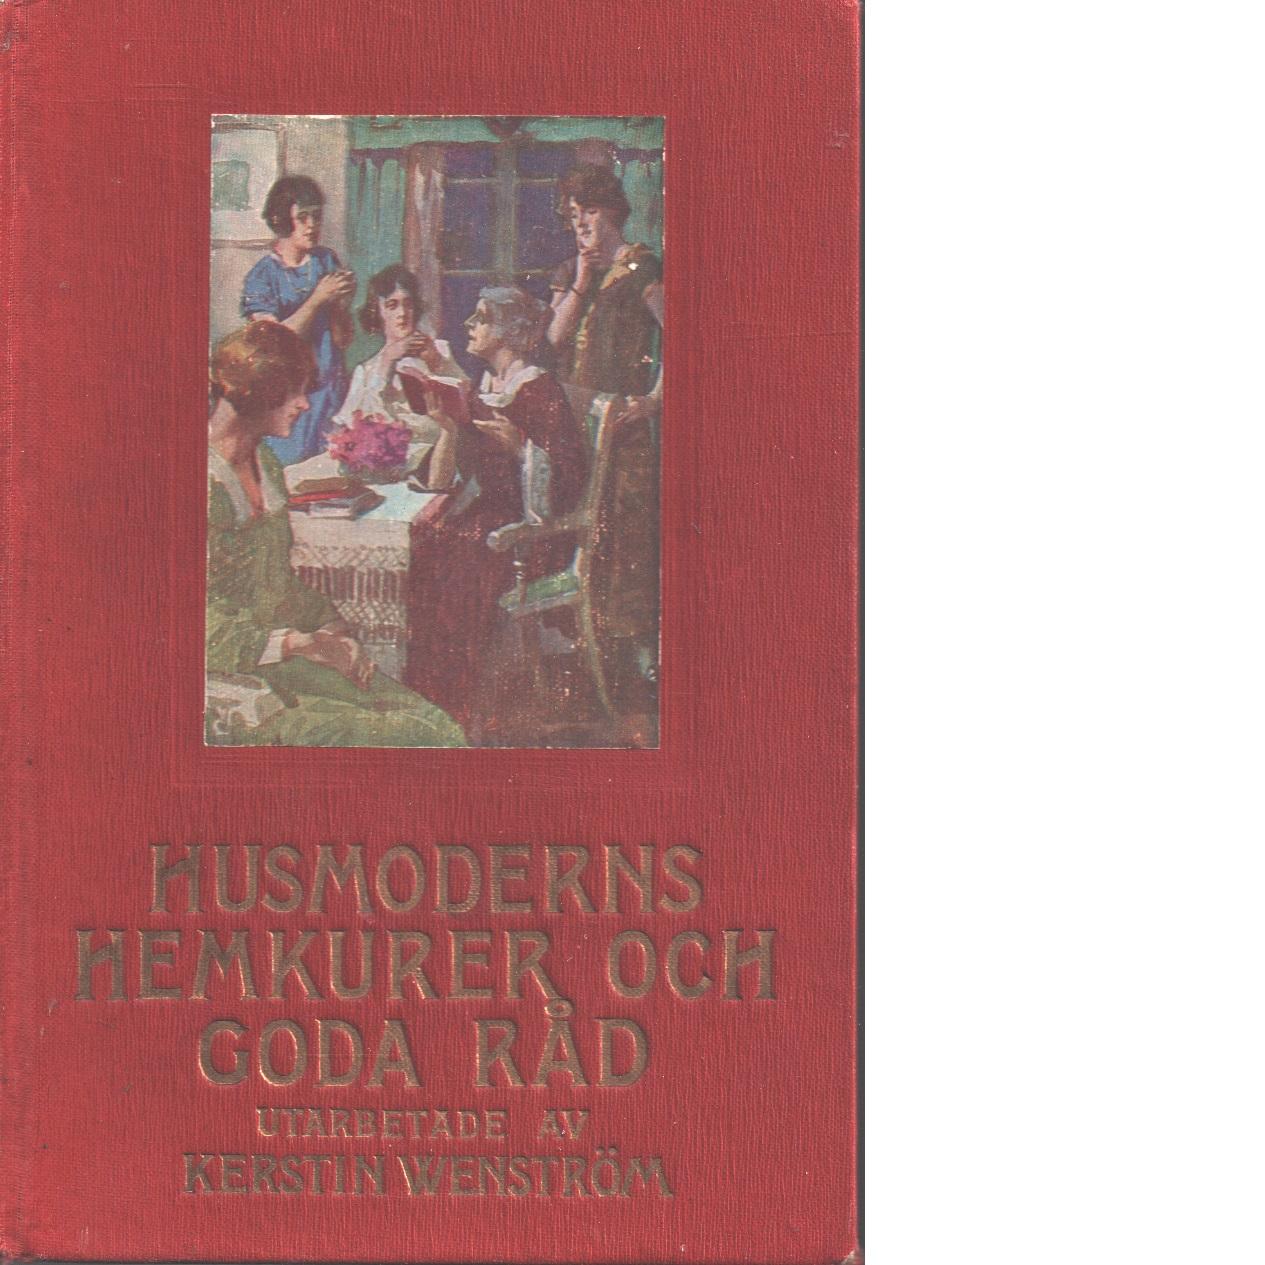 Husmoderns hemkurer och goda råd - Wenström, Kerstin